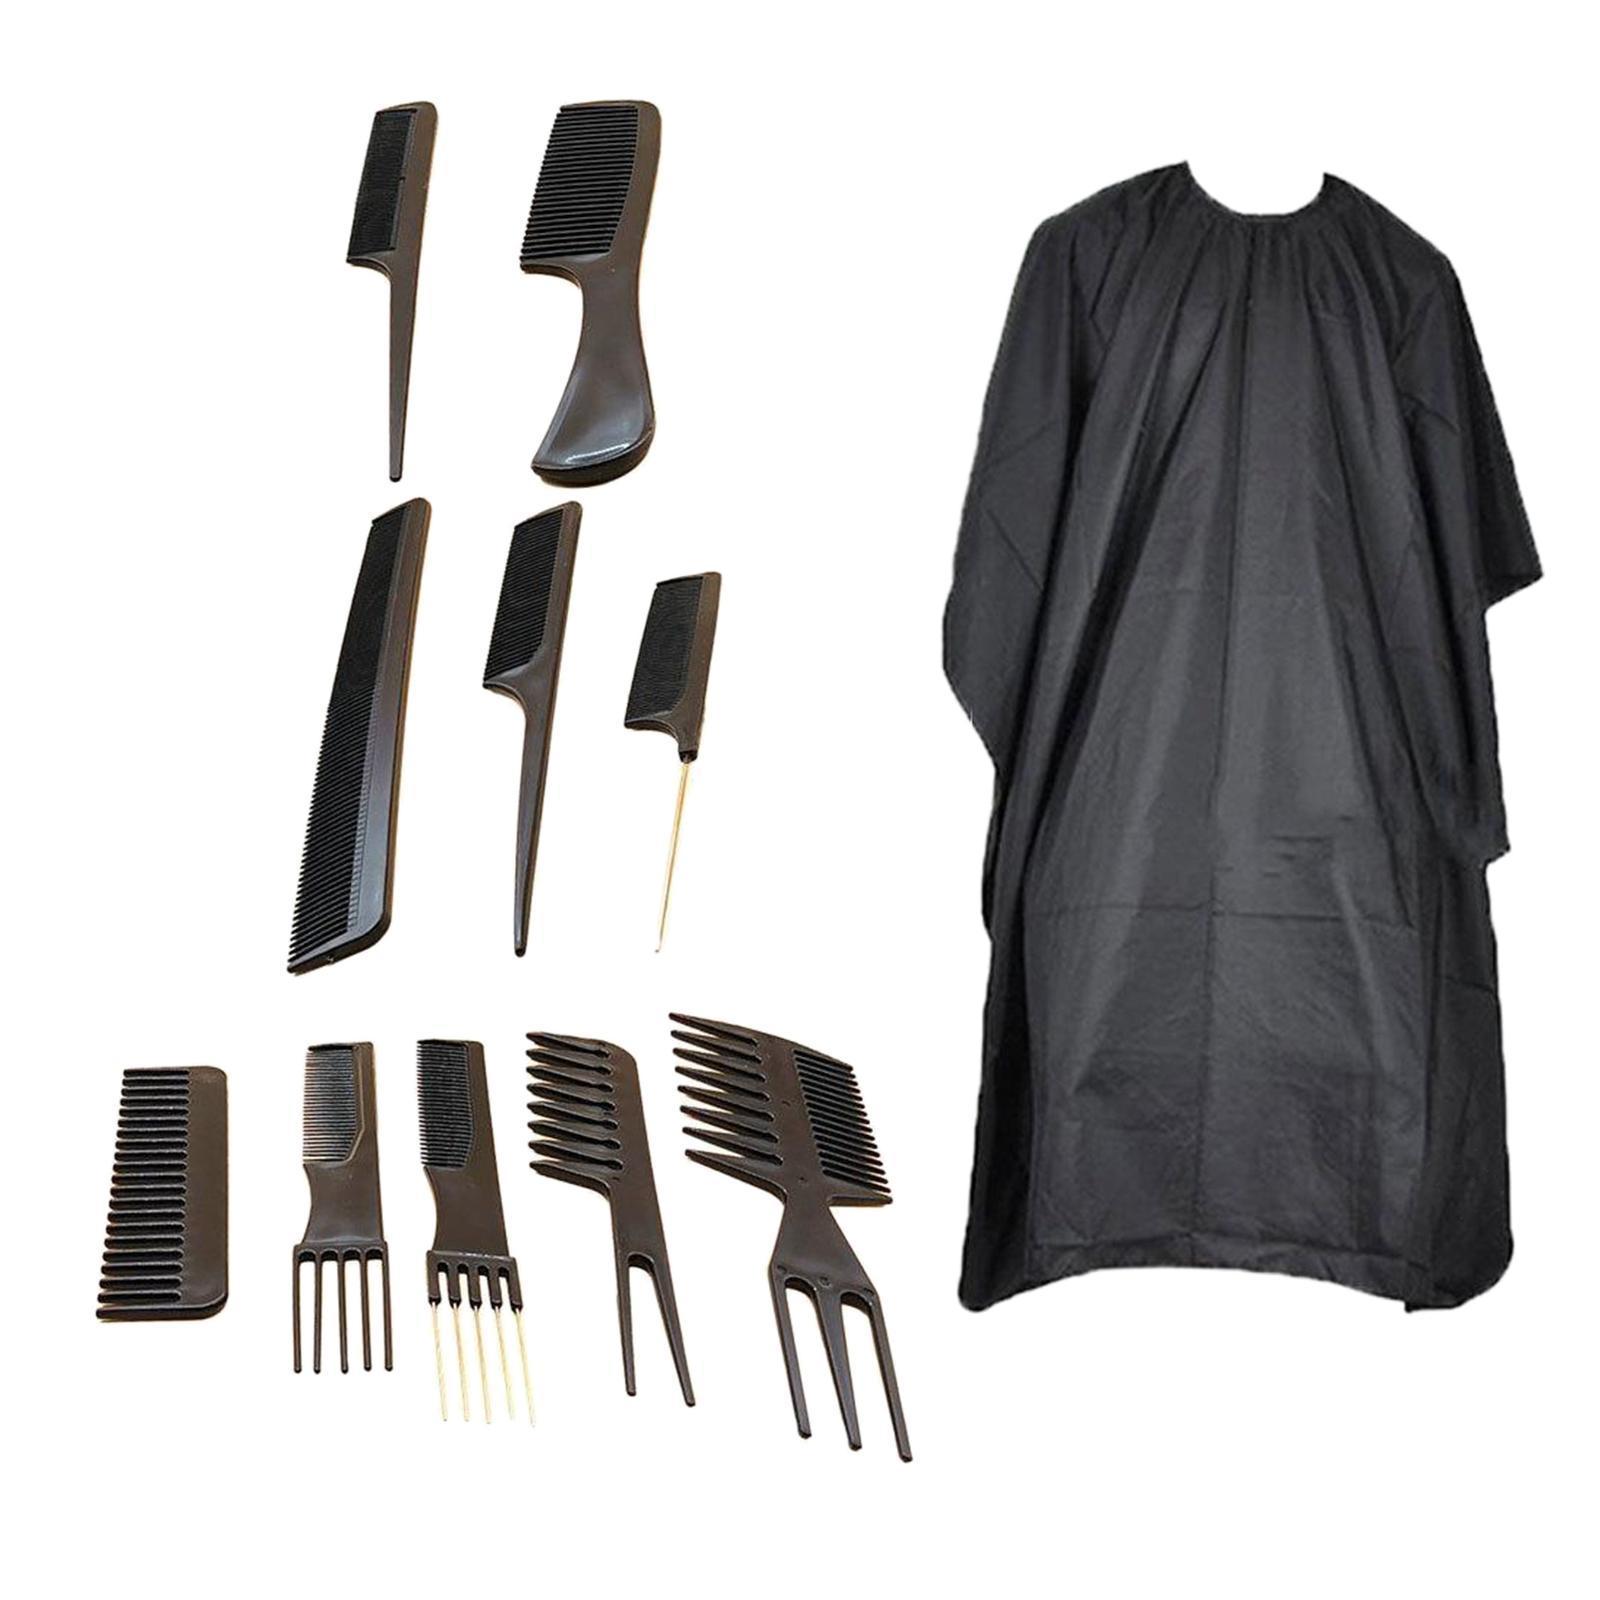 miniatura 8 - Parrucchiere barbiere spazzola per capelli pettine Set strumenti taglio capelli